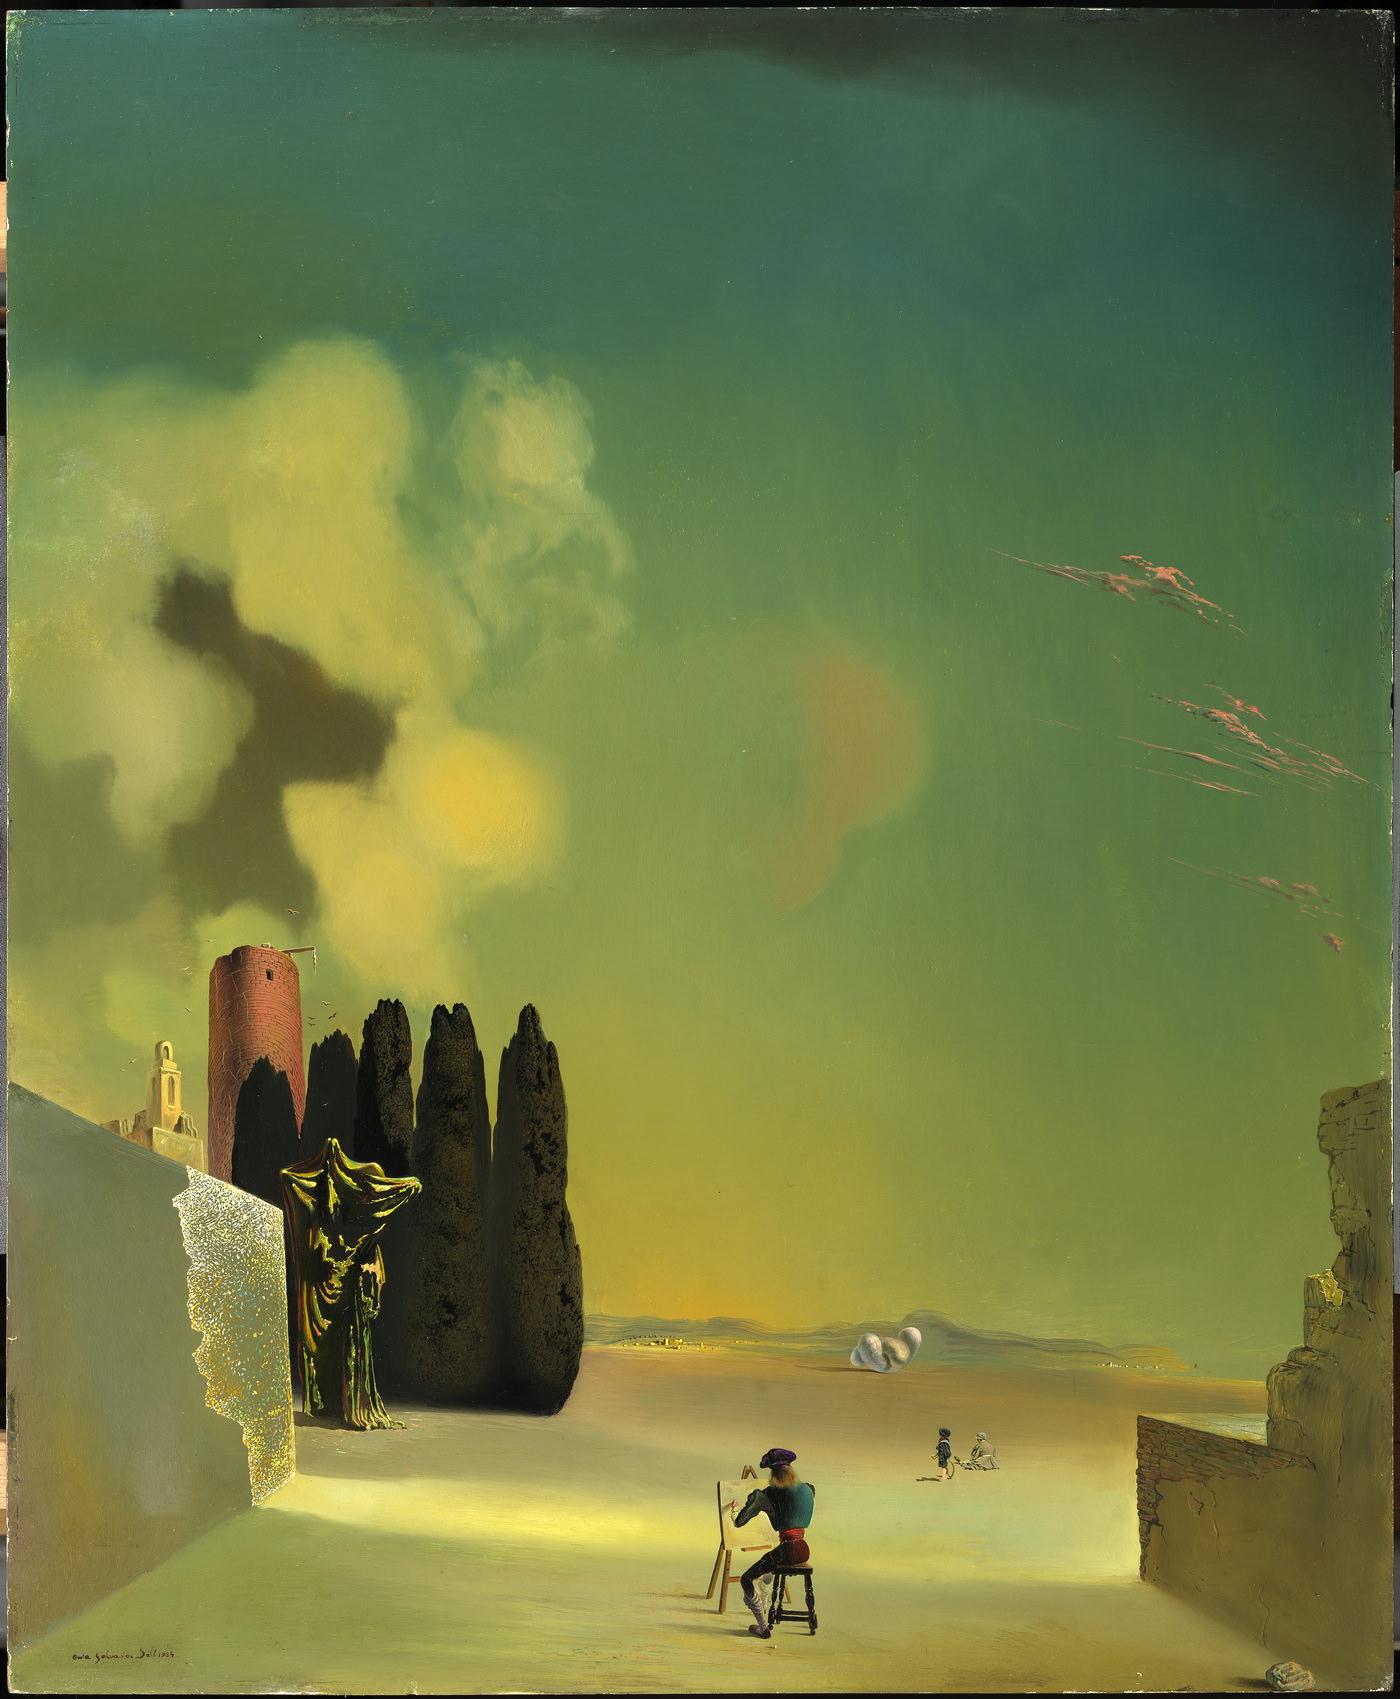 Пейзаж с загадочными элементами. 1934. Дерево, масло. 72,8 х 59,5 см. Фонд «Гала – Сальвадор Дали»